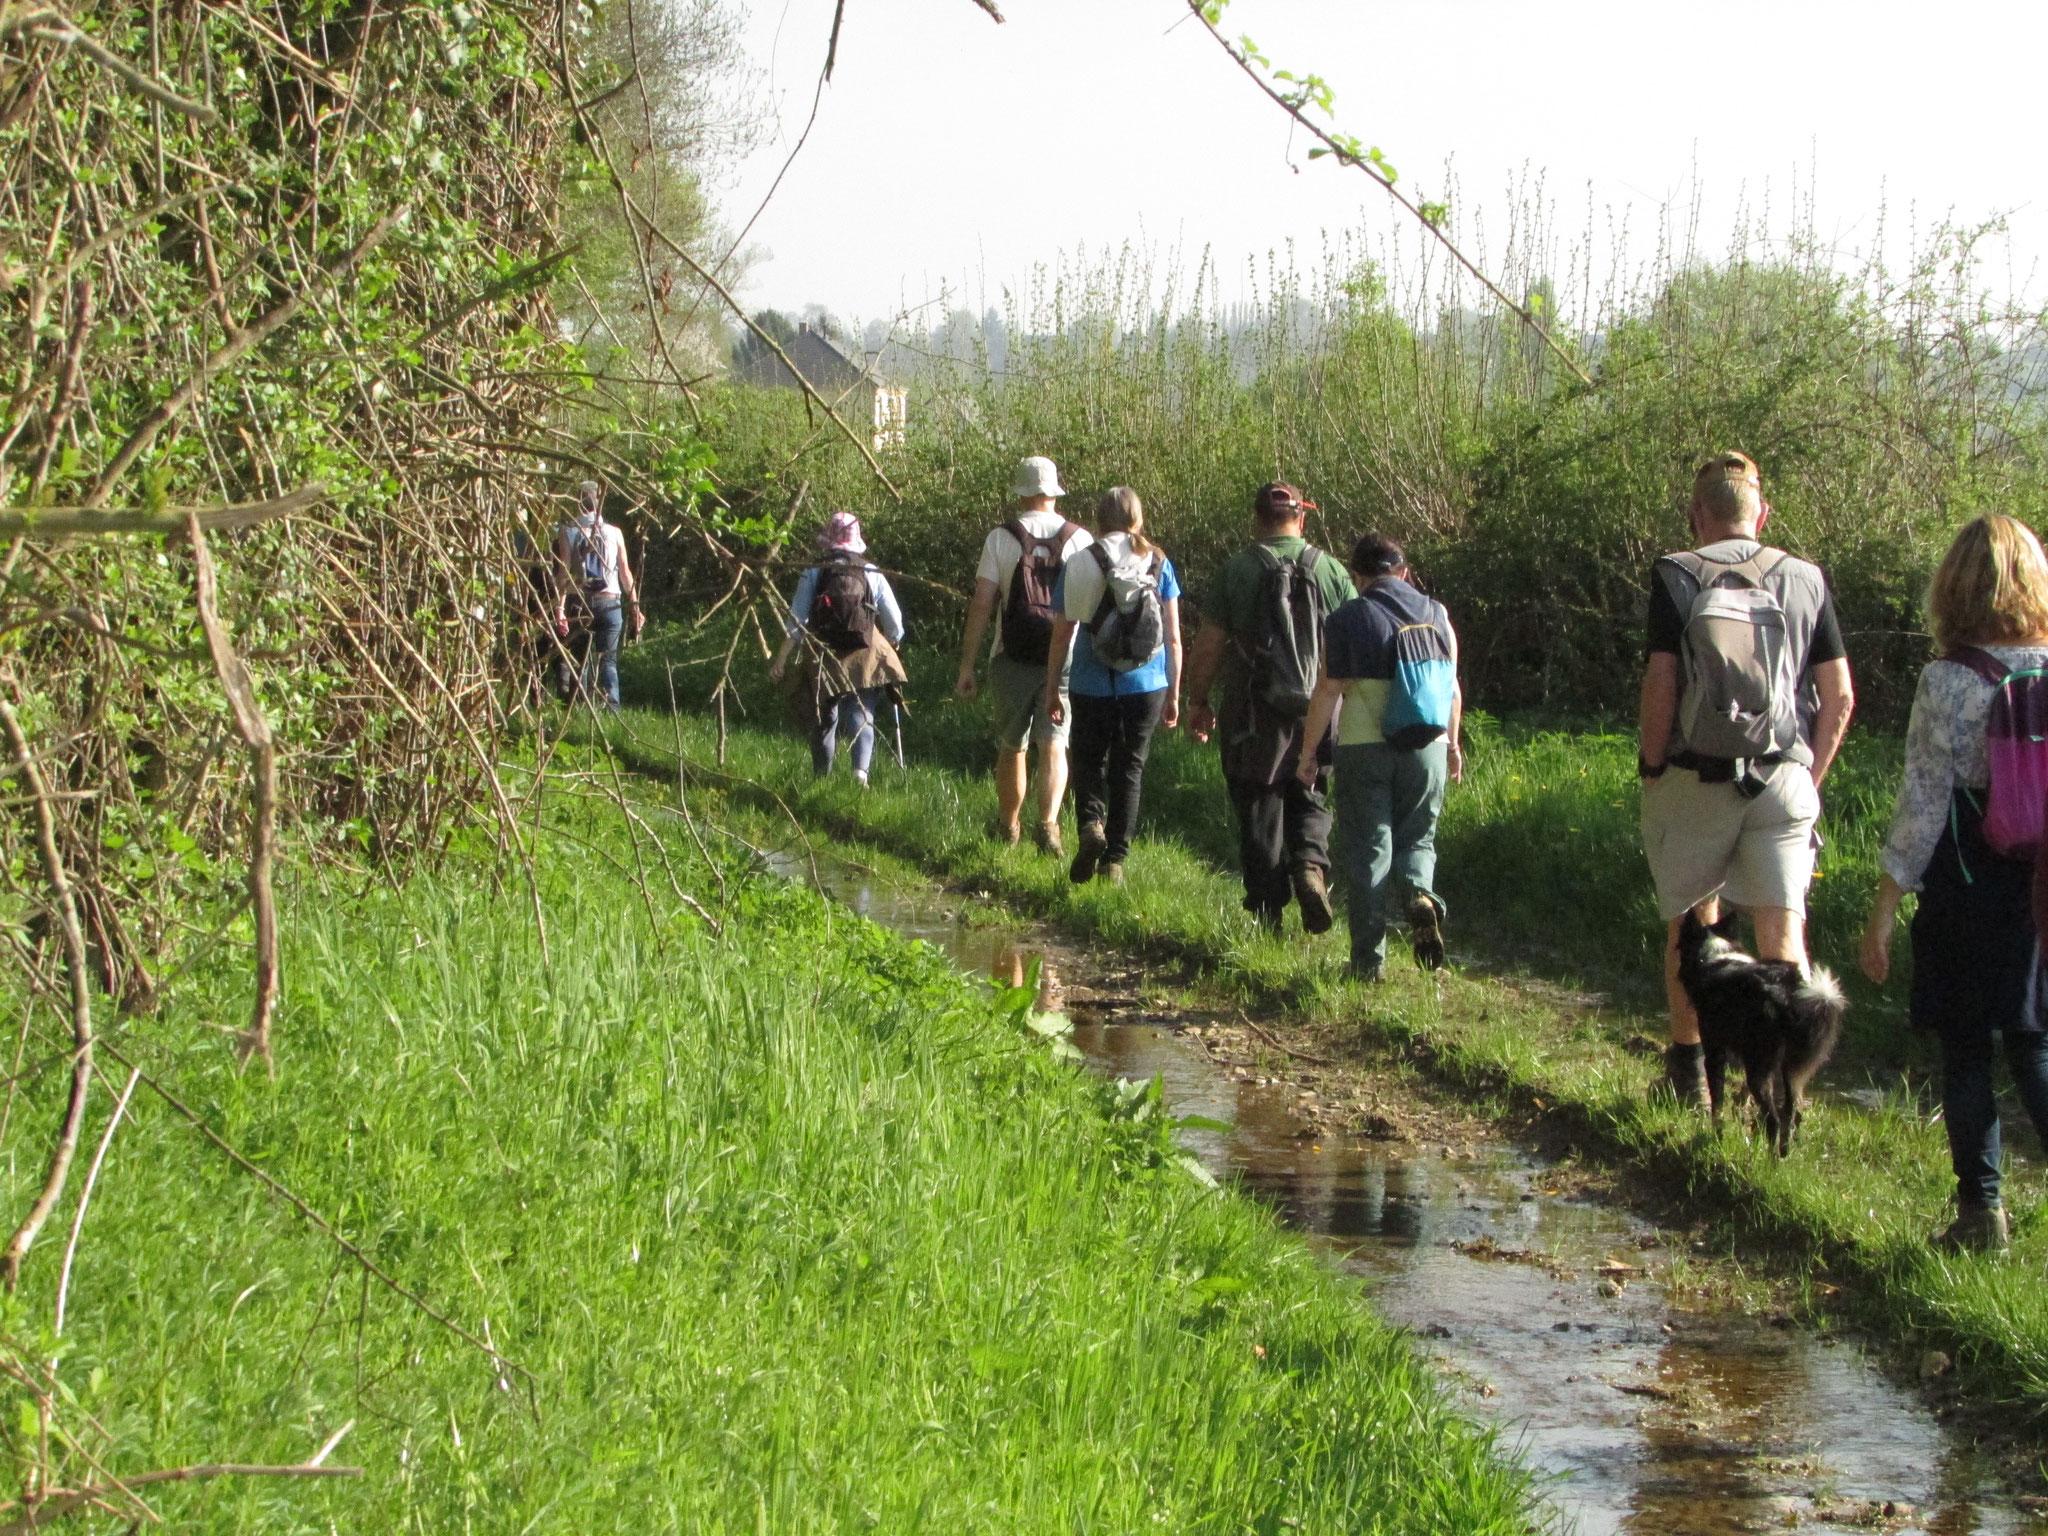 randonnée nature autour de Sully